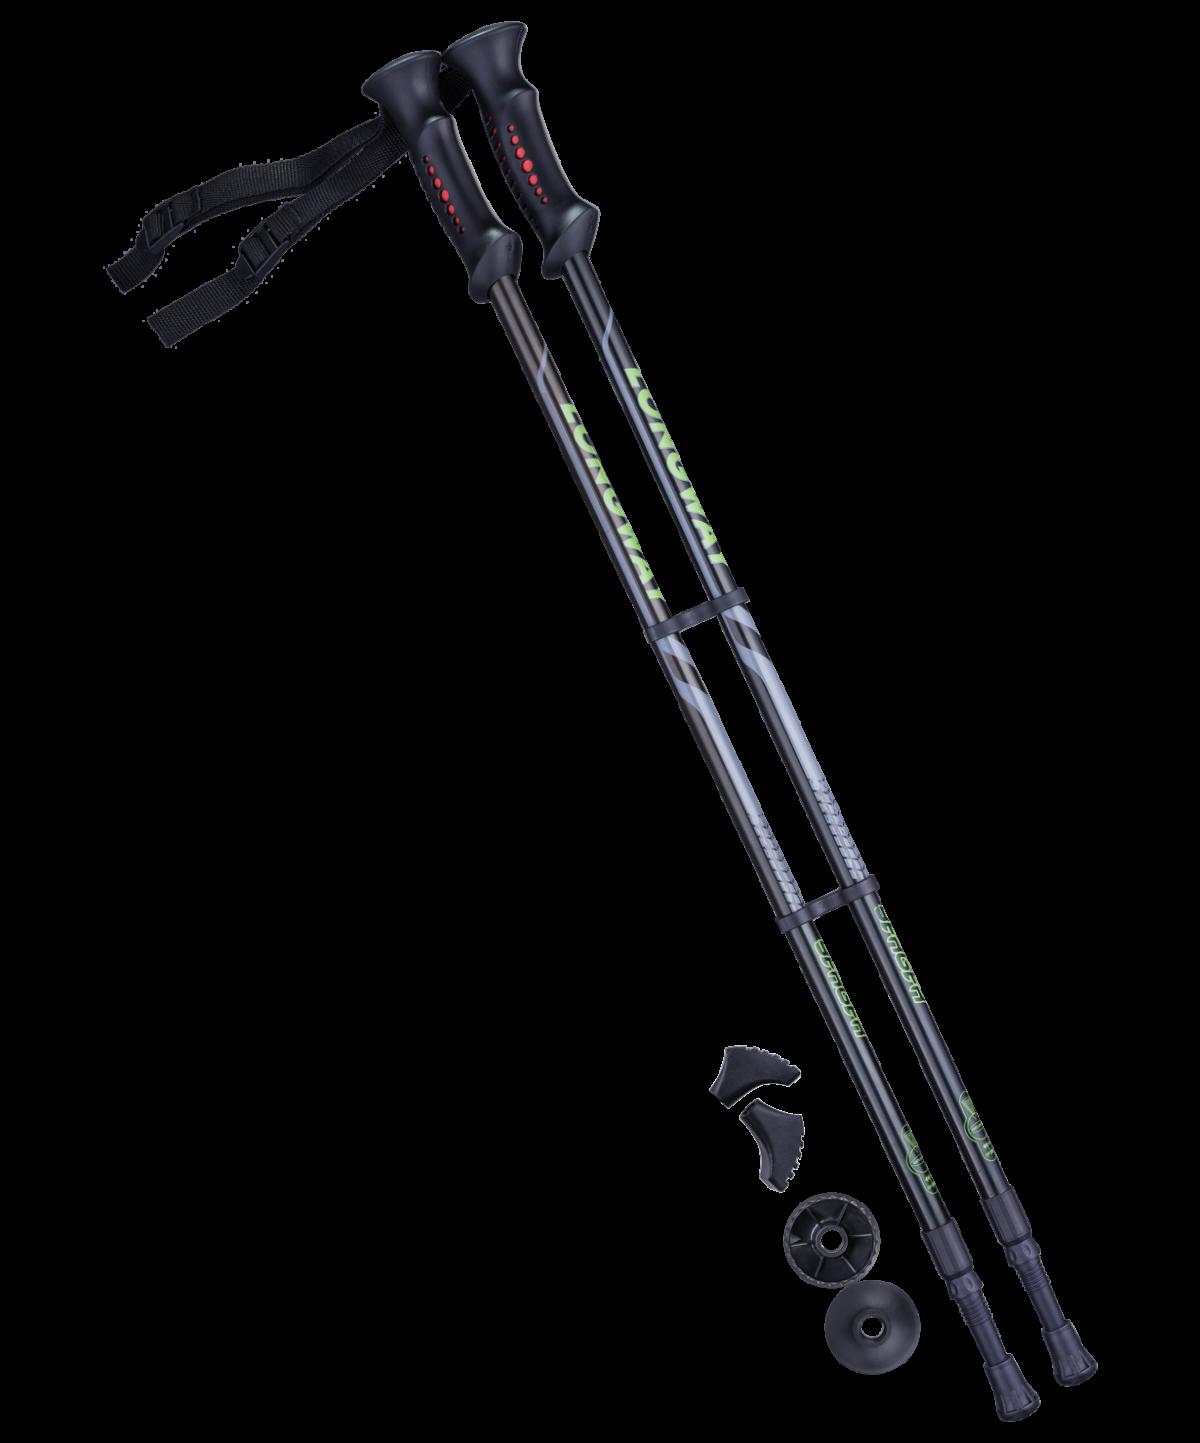 BERGER Longway Палки для скандинавской ходьбы чёрный/зелёный 77-135 см. - 1